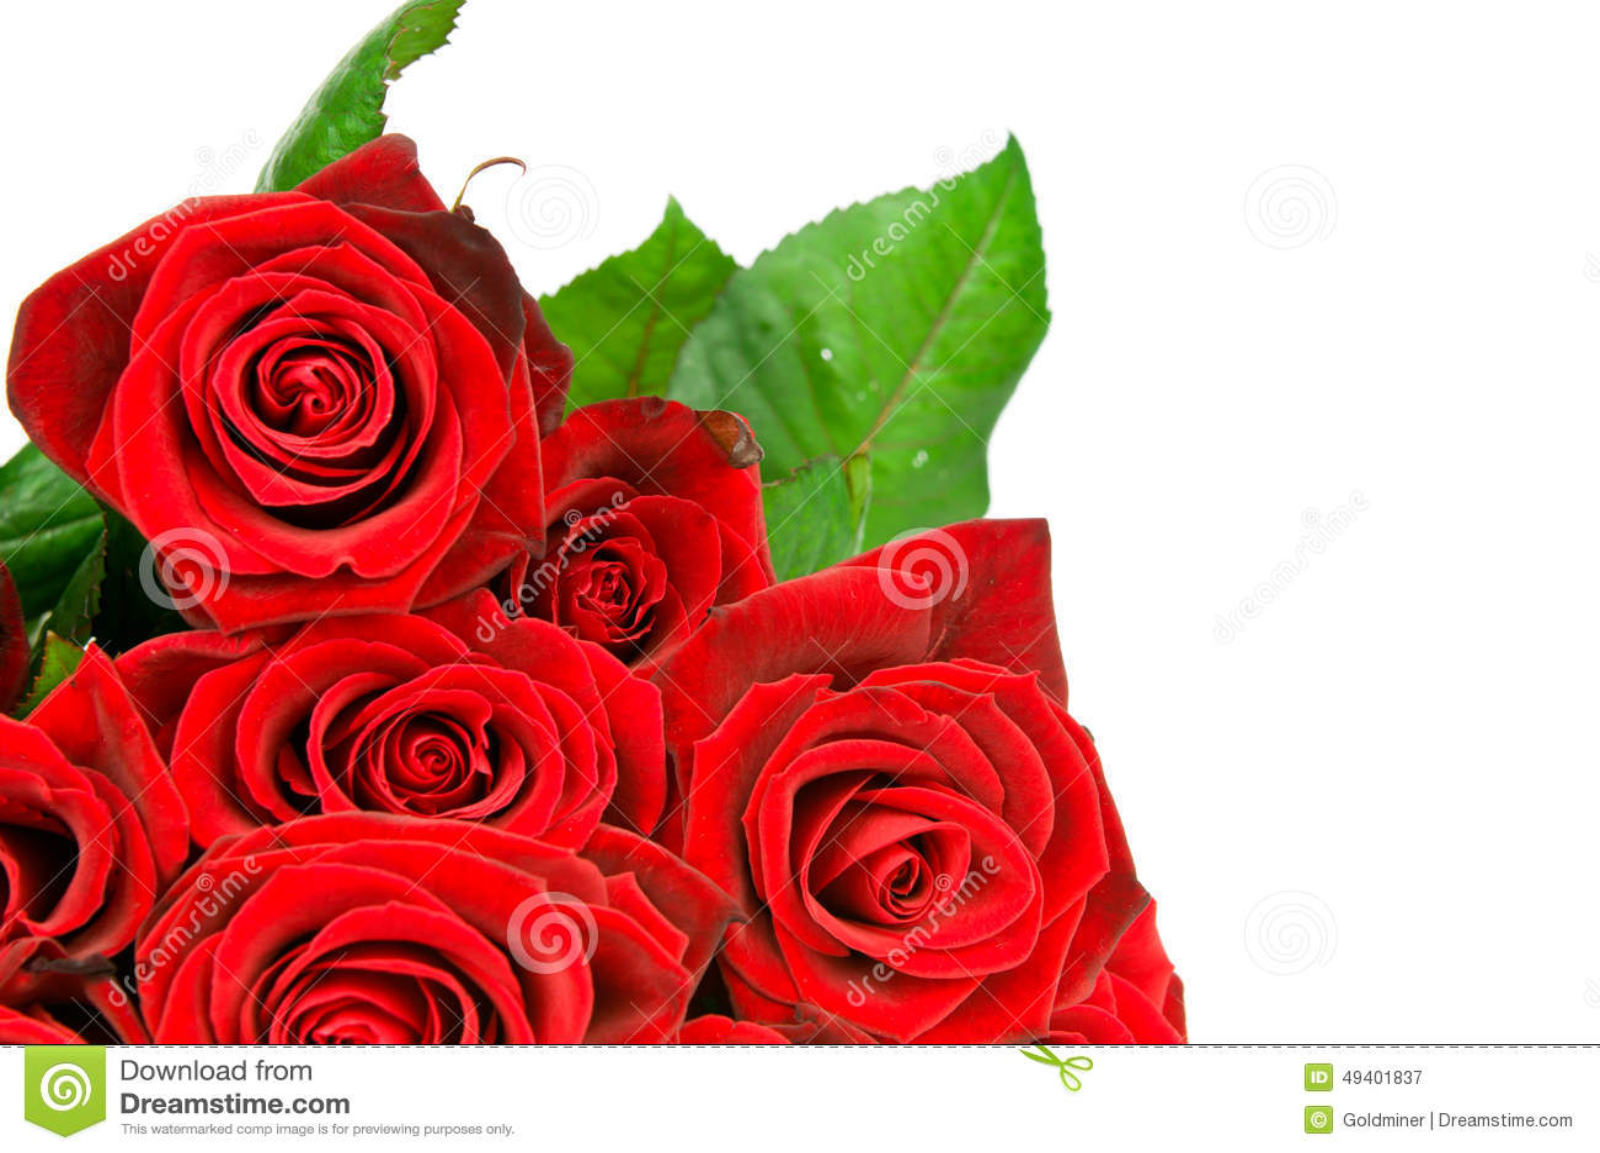 Download Rosen Auf Weißem Hintergrund Stockbild - Bild von dekoration, bunt: 49401837